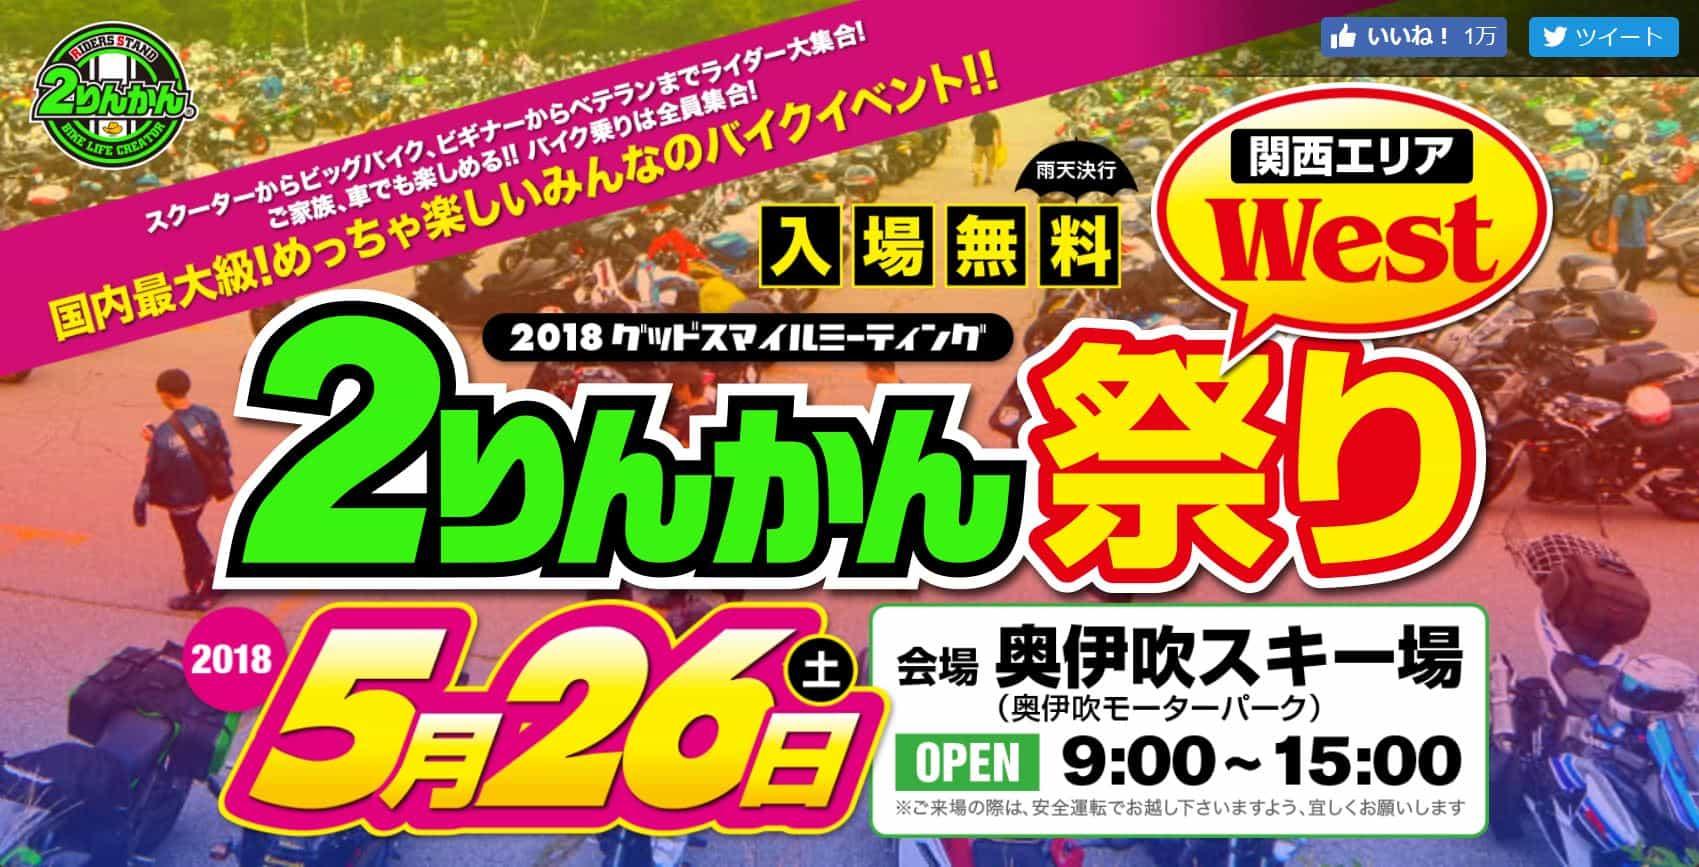 ★【日本最大級】のバイクイベント「2りんかん祭り」開催!!全国からバイク「3000台」が集結!!